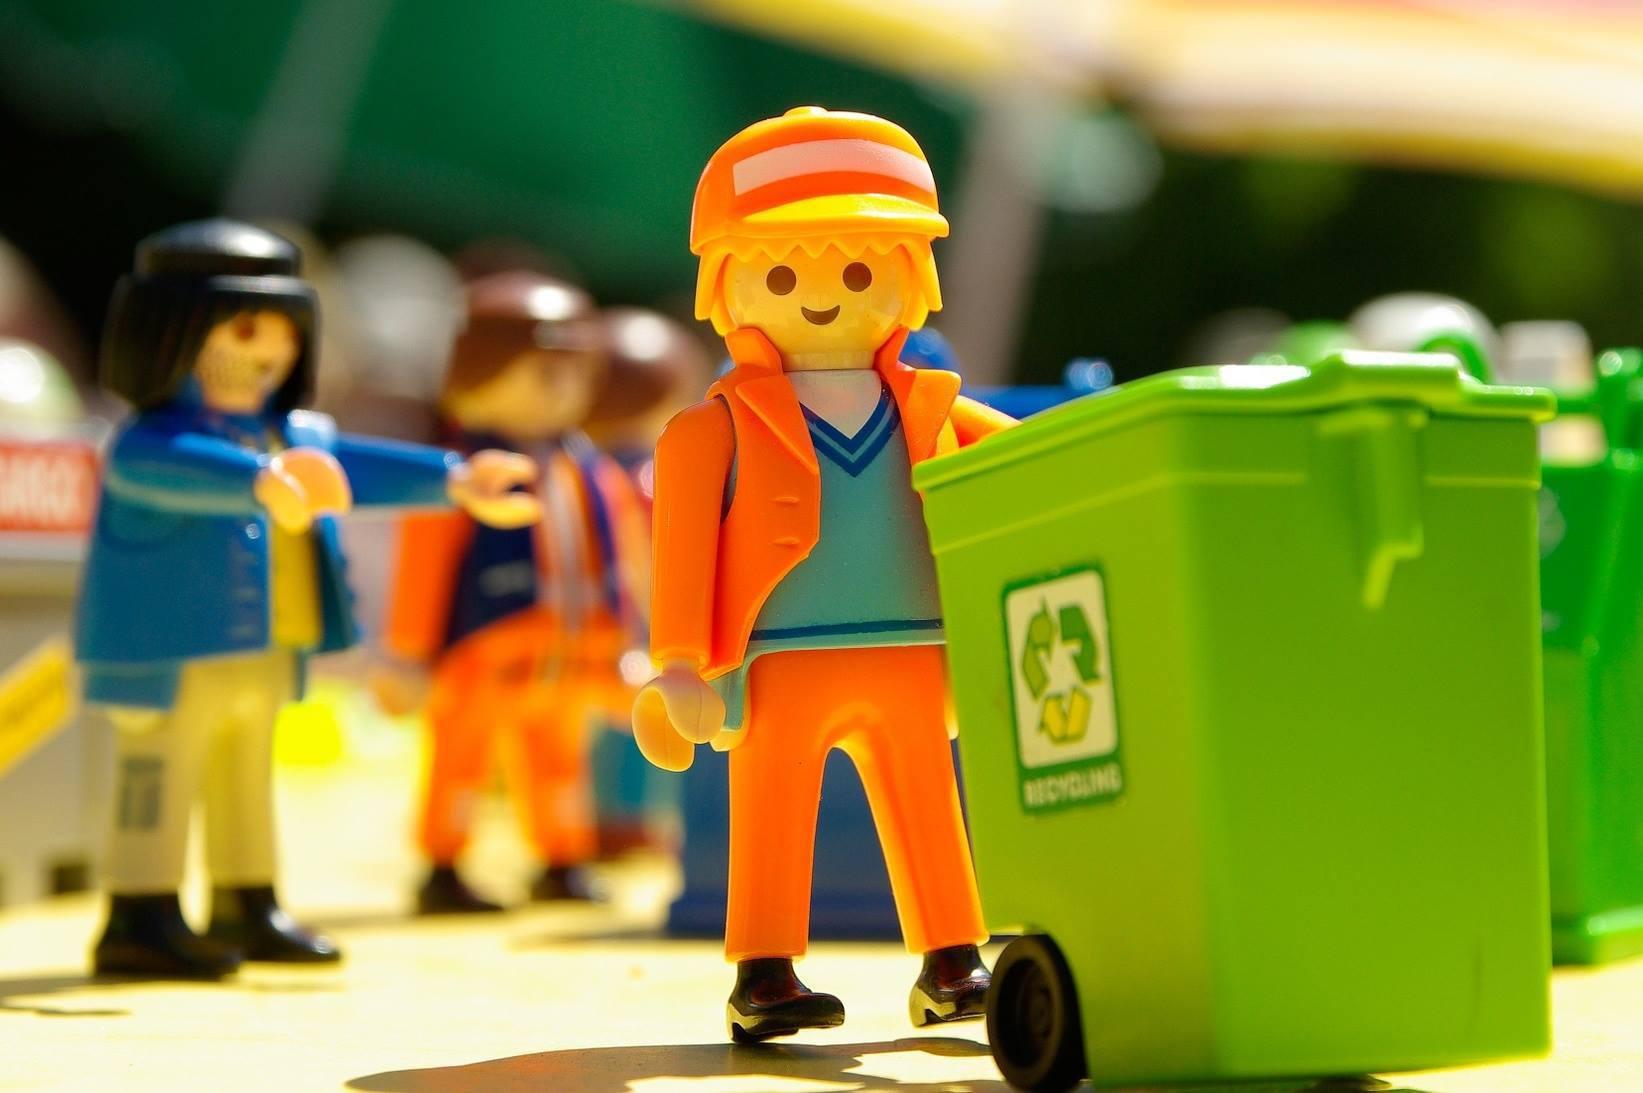 Каждому виду мусора свой контейнер